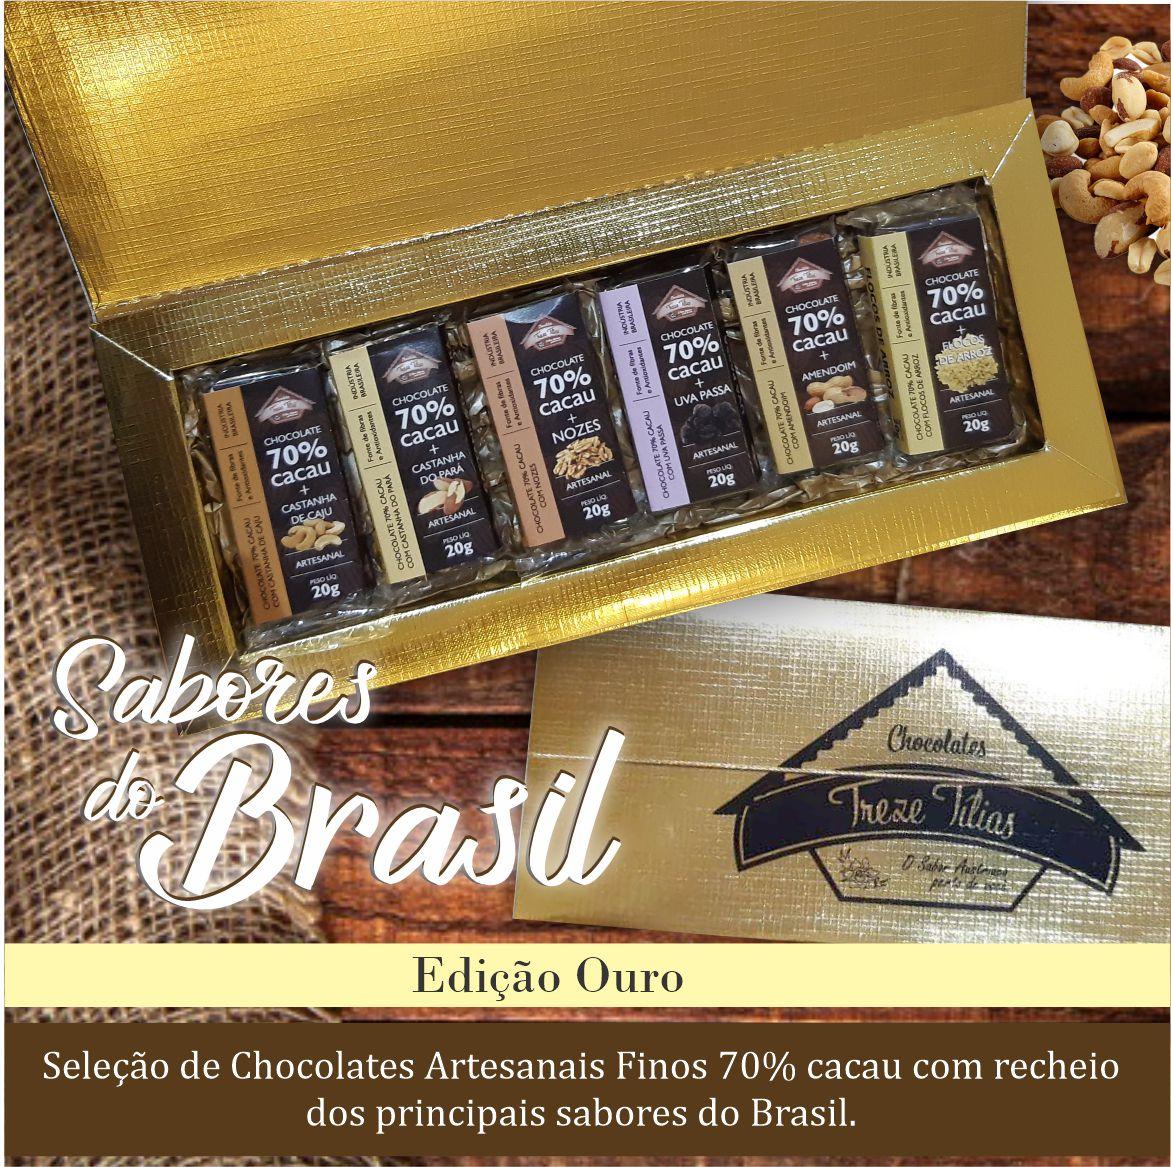 Seleção 70% cacau - Sabores do Brasil - Edição Ouro